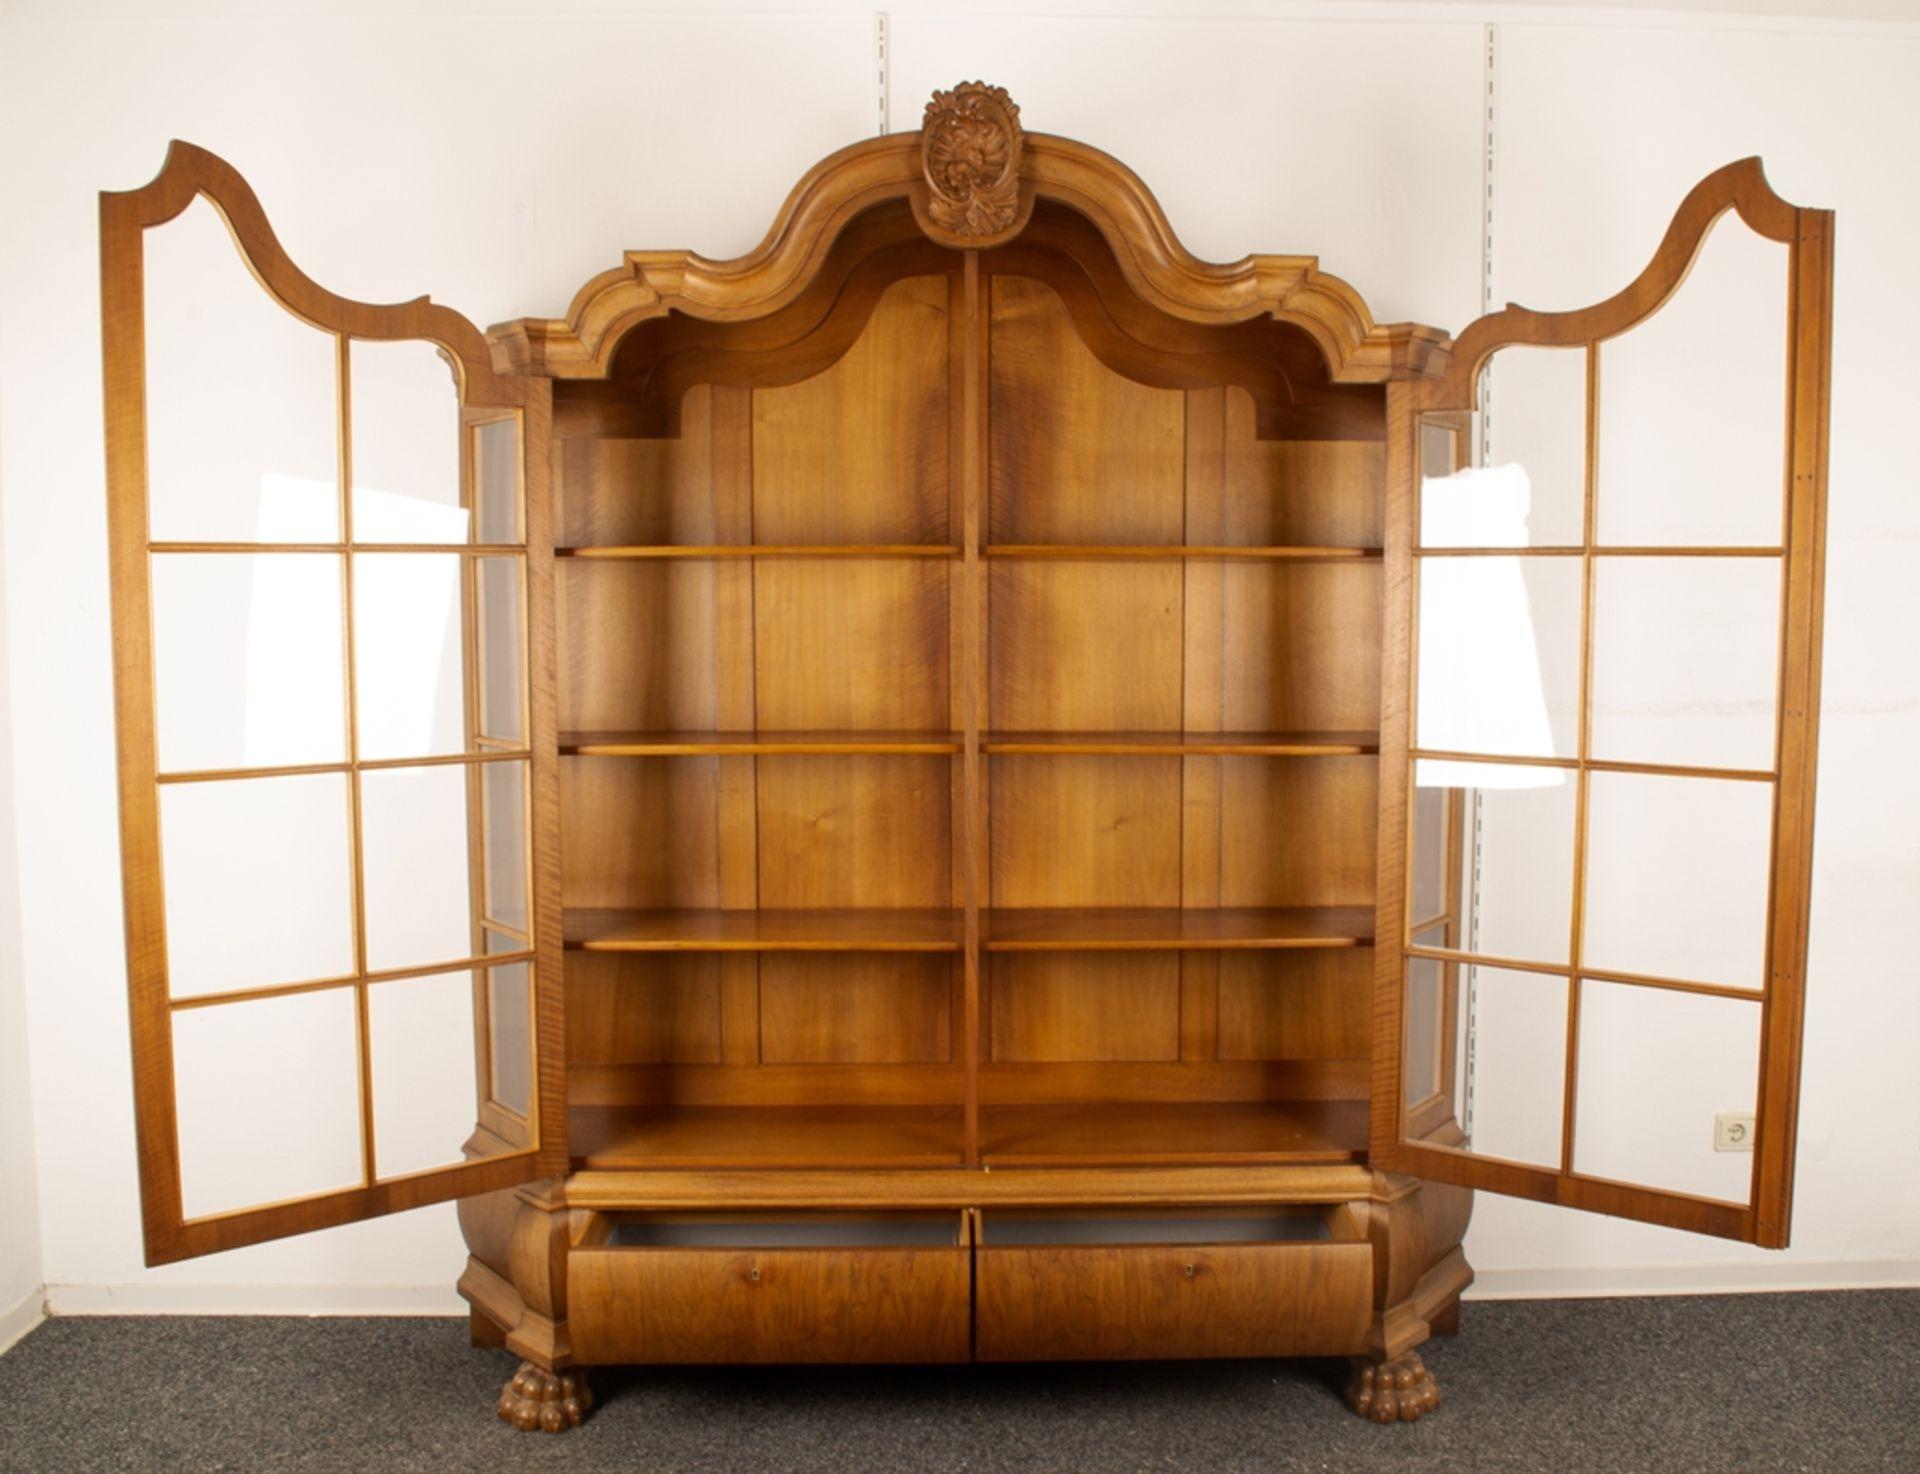 Großer, zweitüriger Bücherschrank, Barockstil, 2. Drittel 20. Jhd., Nussbaum massiv & furniert, - Bild 2 aus 10